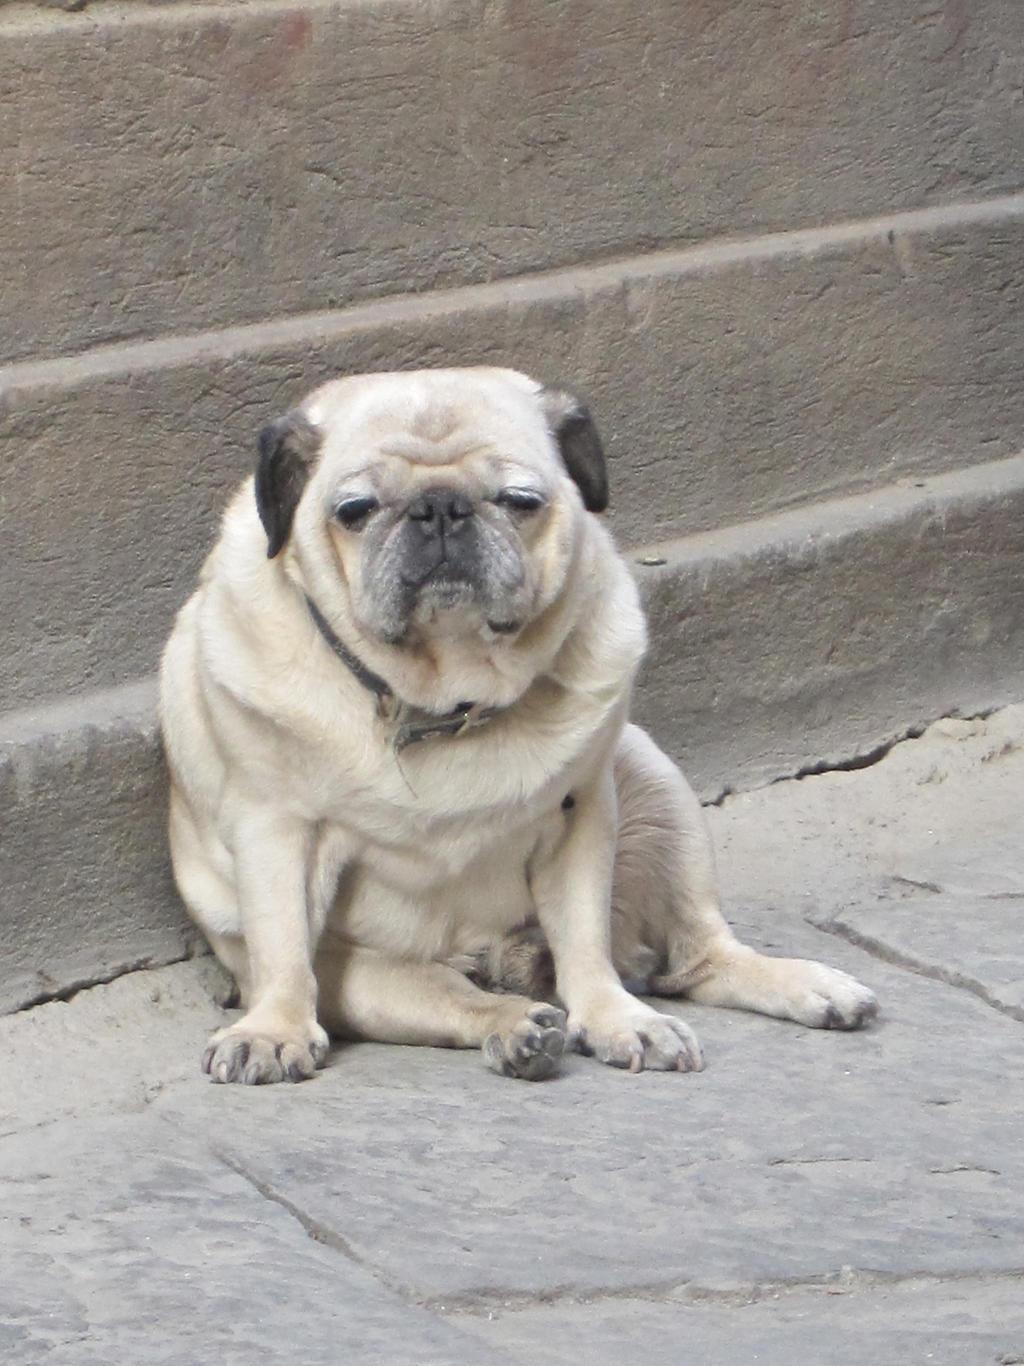 Grumpy dog by cyberfox007